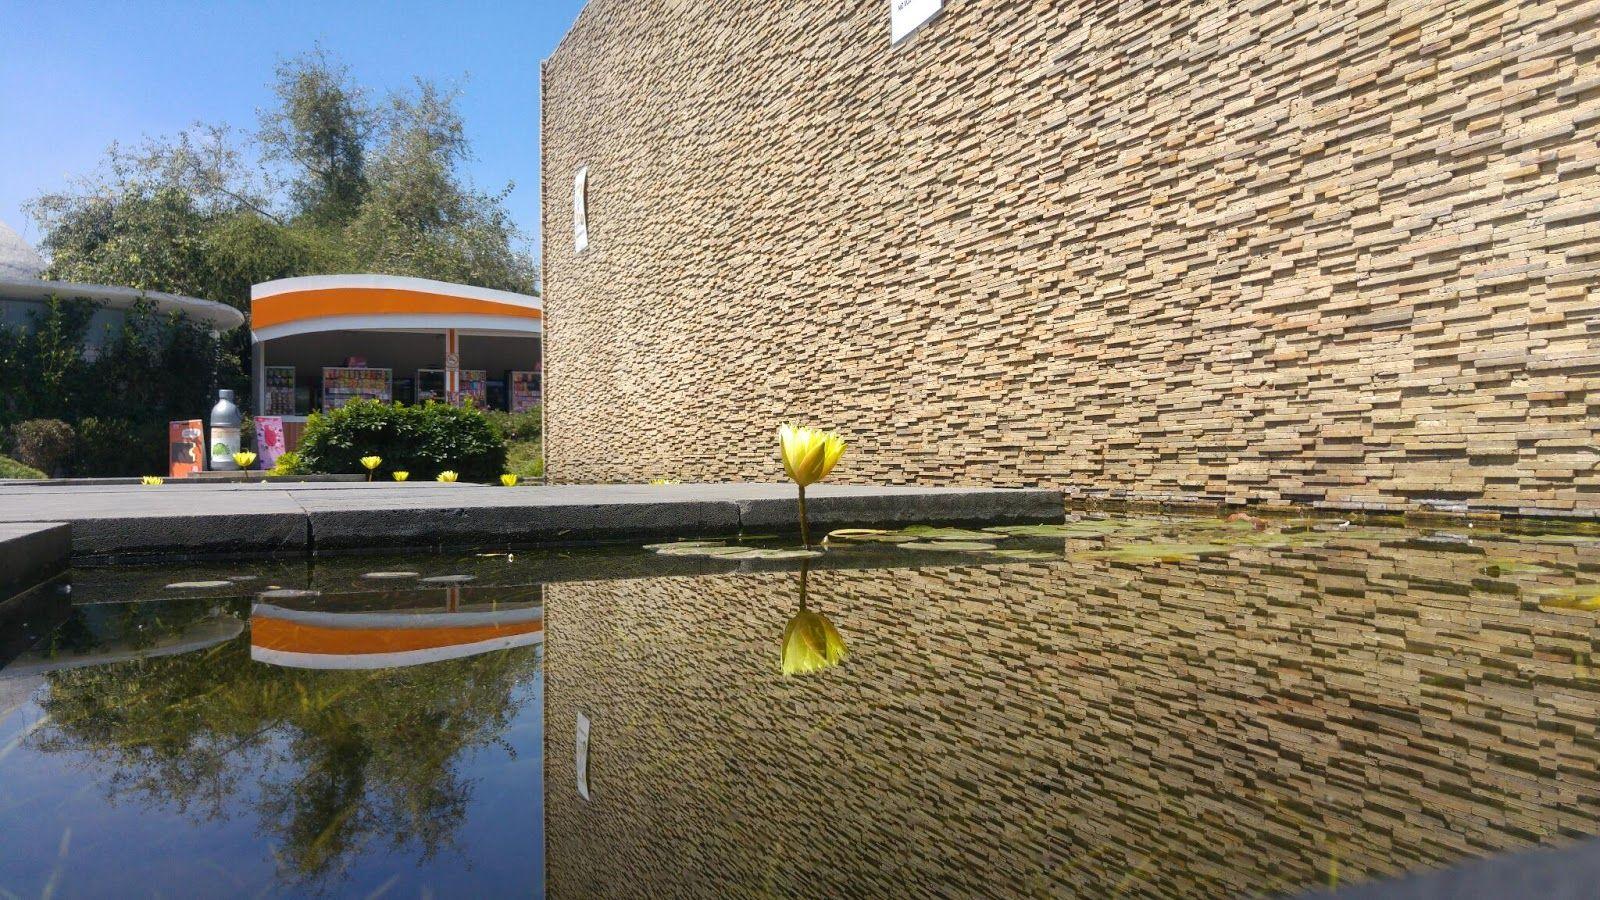 La flor sobre el espejo - Sr Sol. Foto de flor de loto reflejándose sobre un estanque, imagen bastante nítida